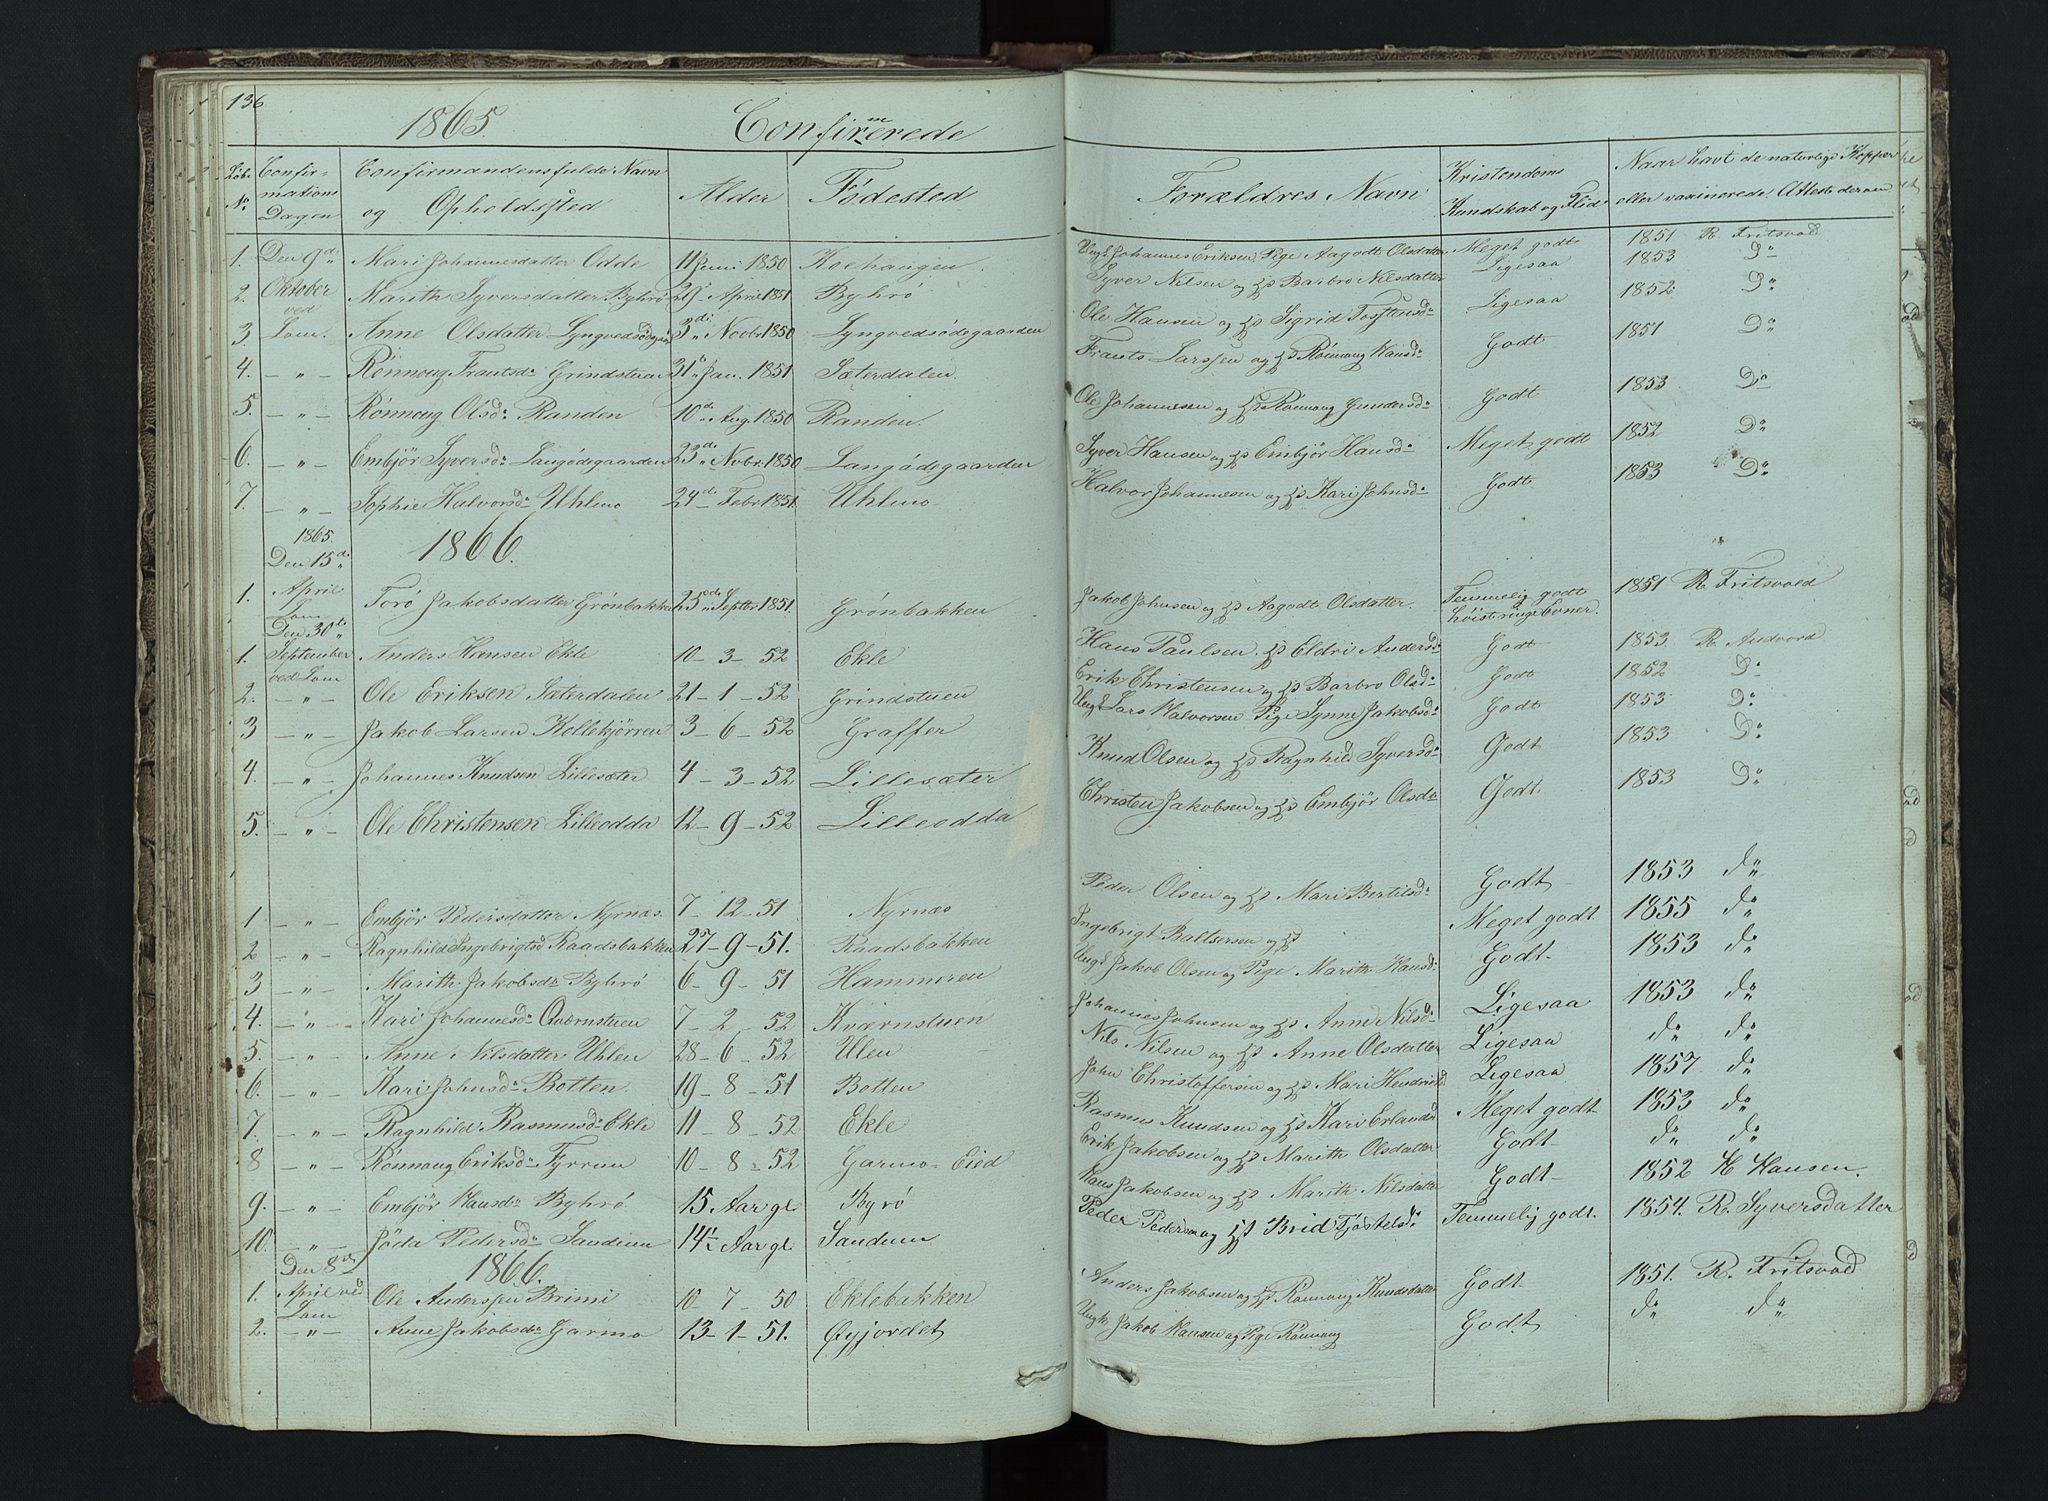 SAH, Lom prestekontor, L/L0014: Klokkerbok nr. 14, 1845-1876, s. 136-137